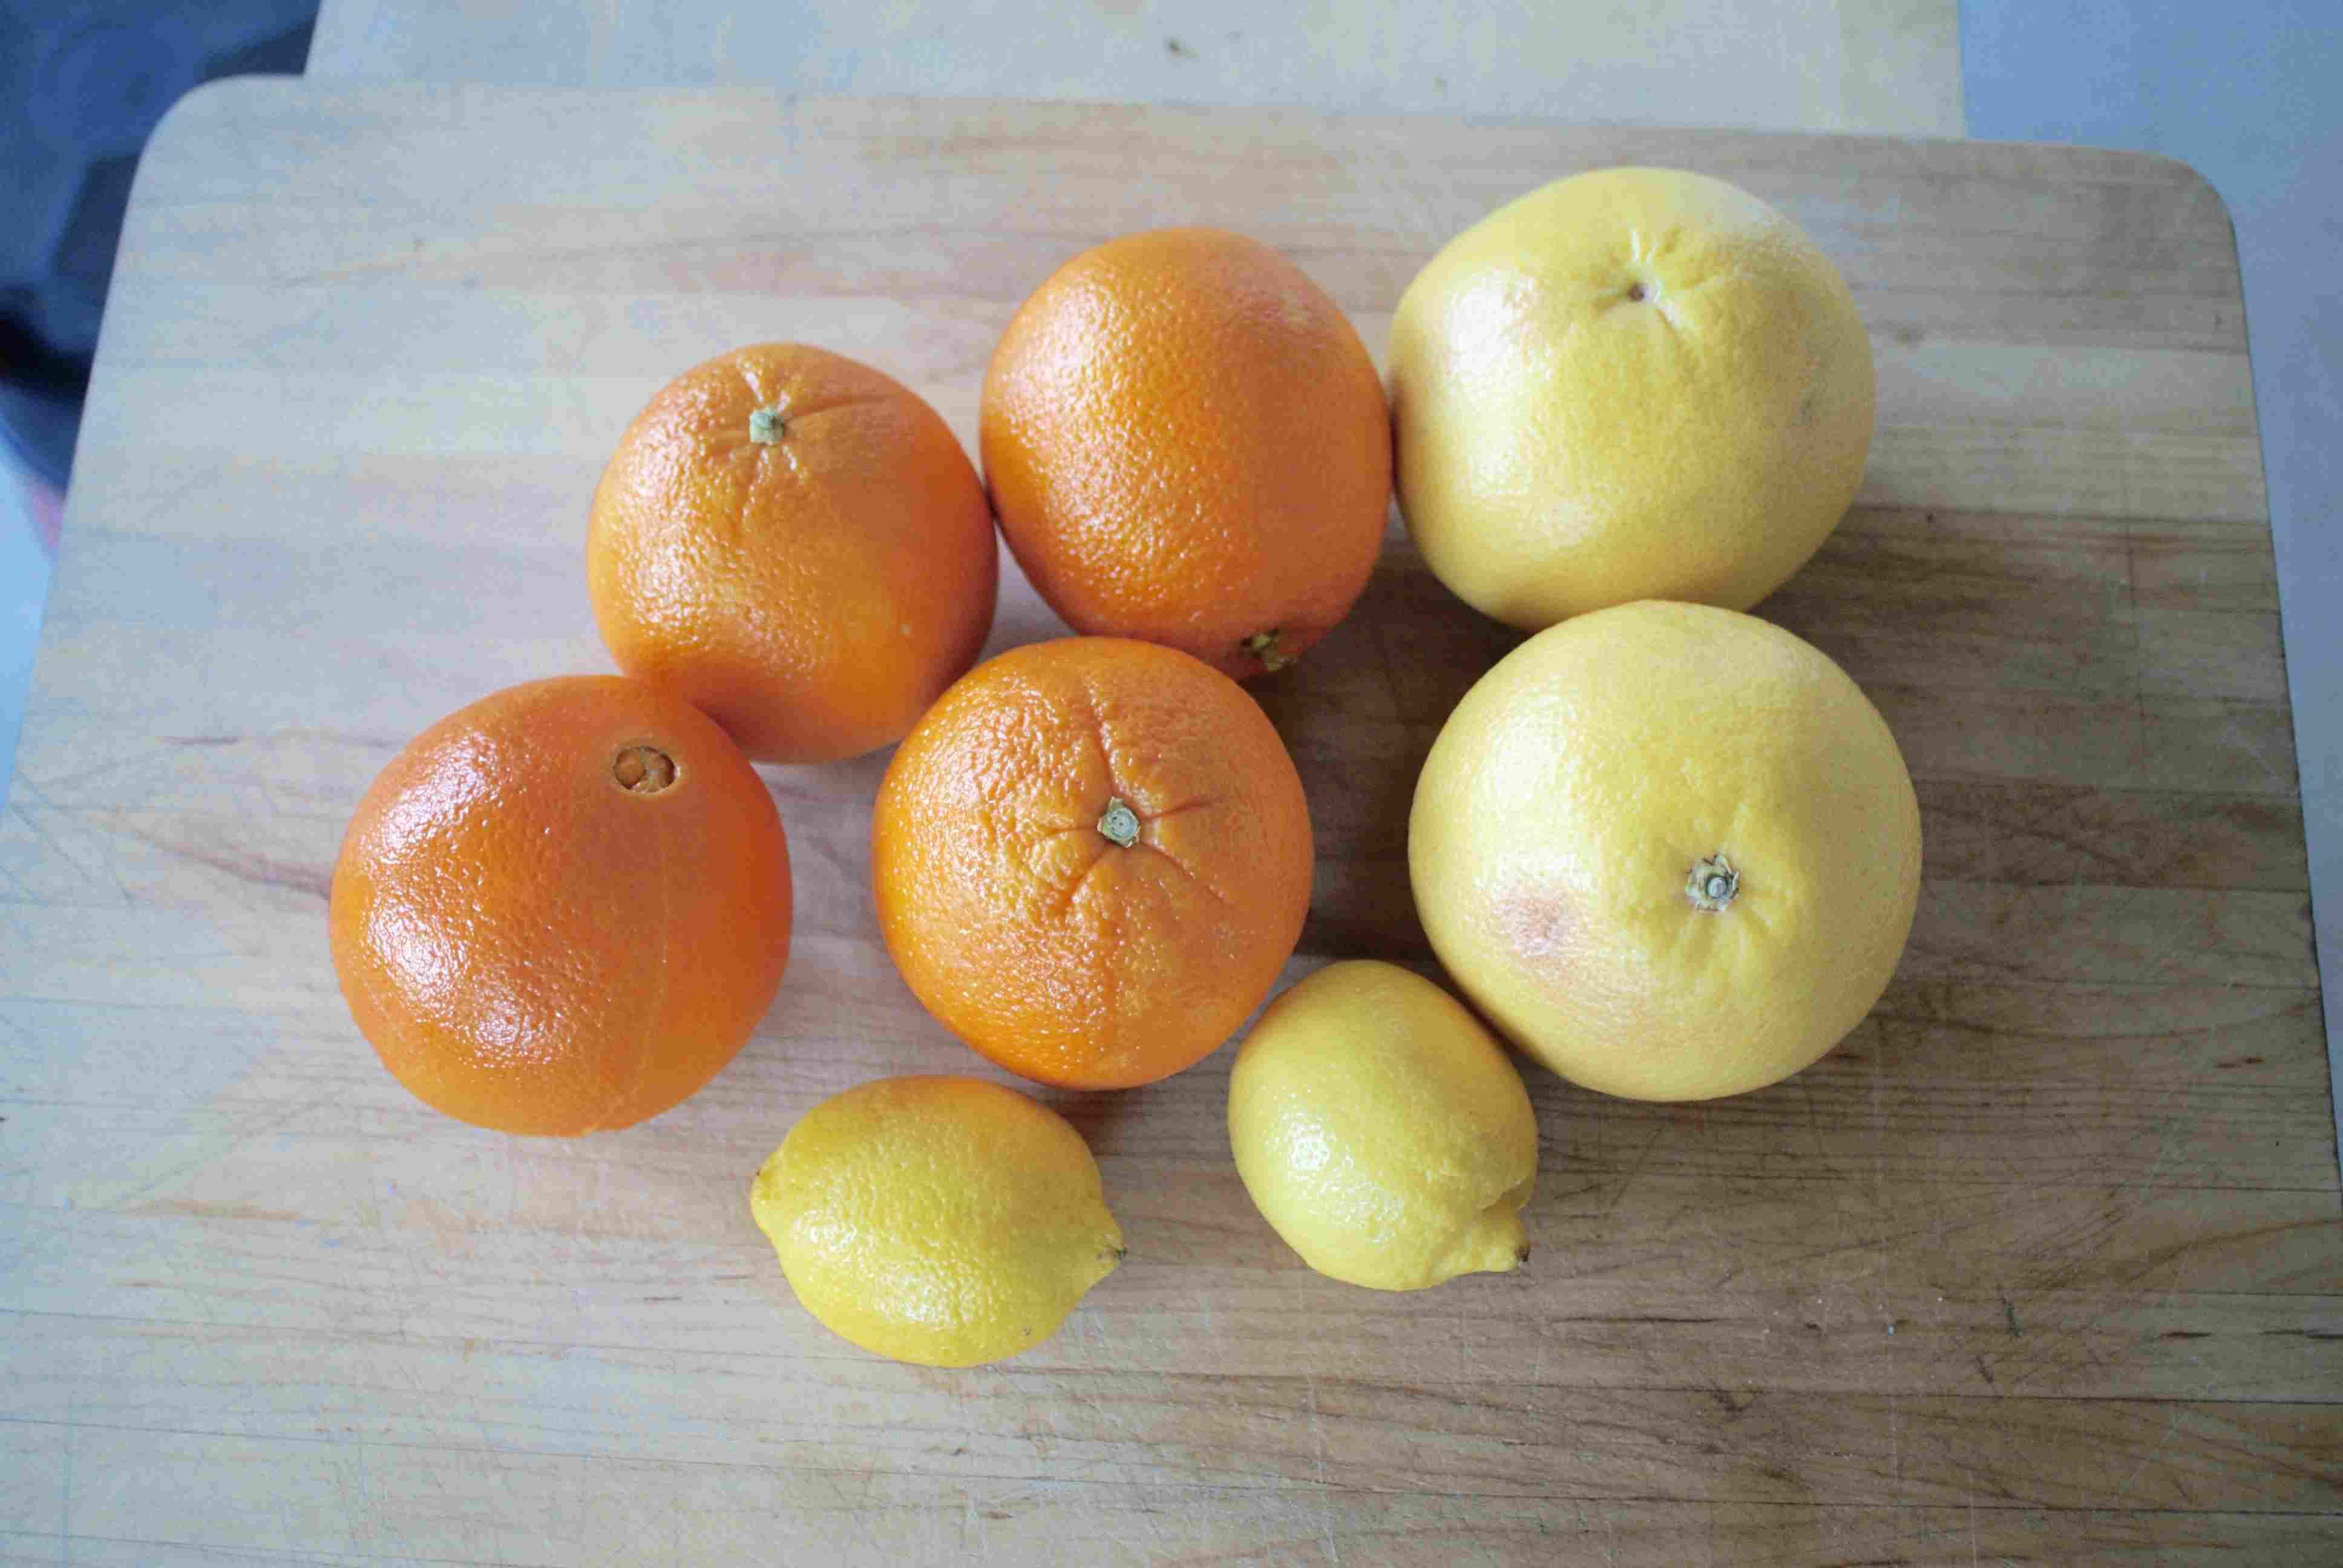 Citrus for marmalade